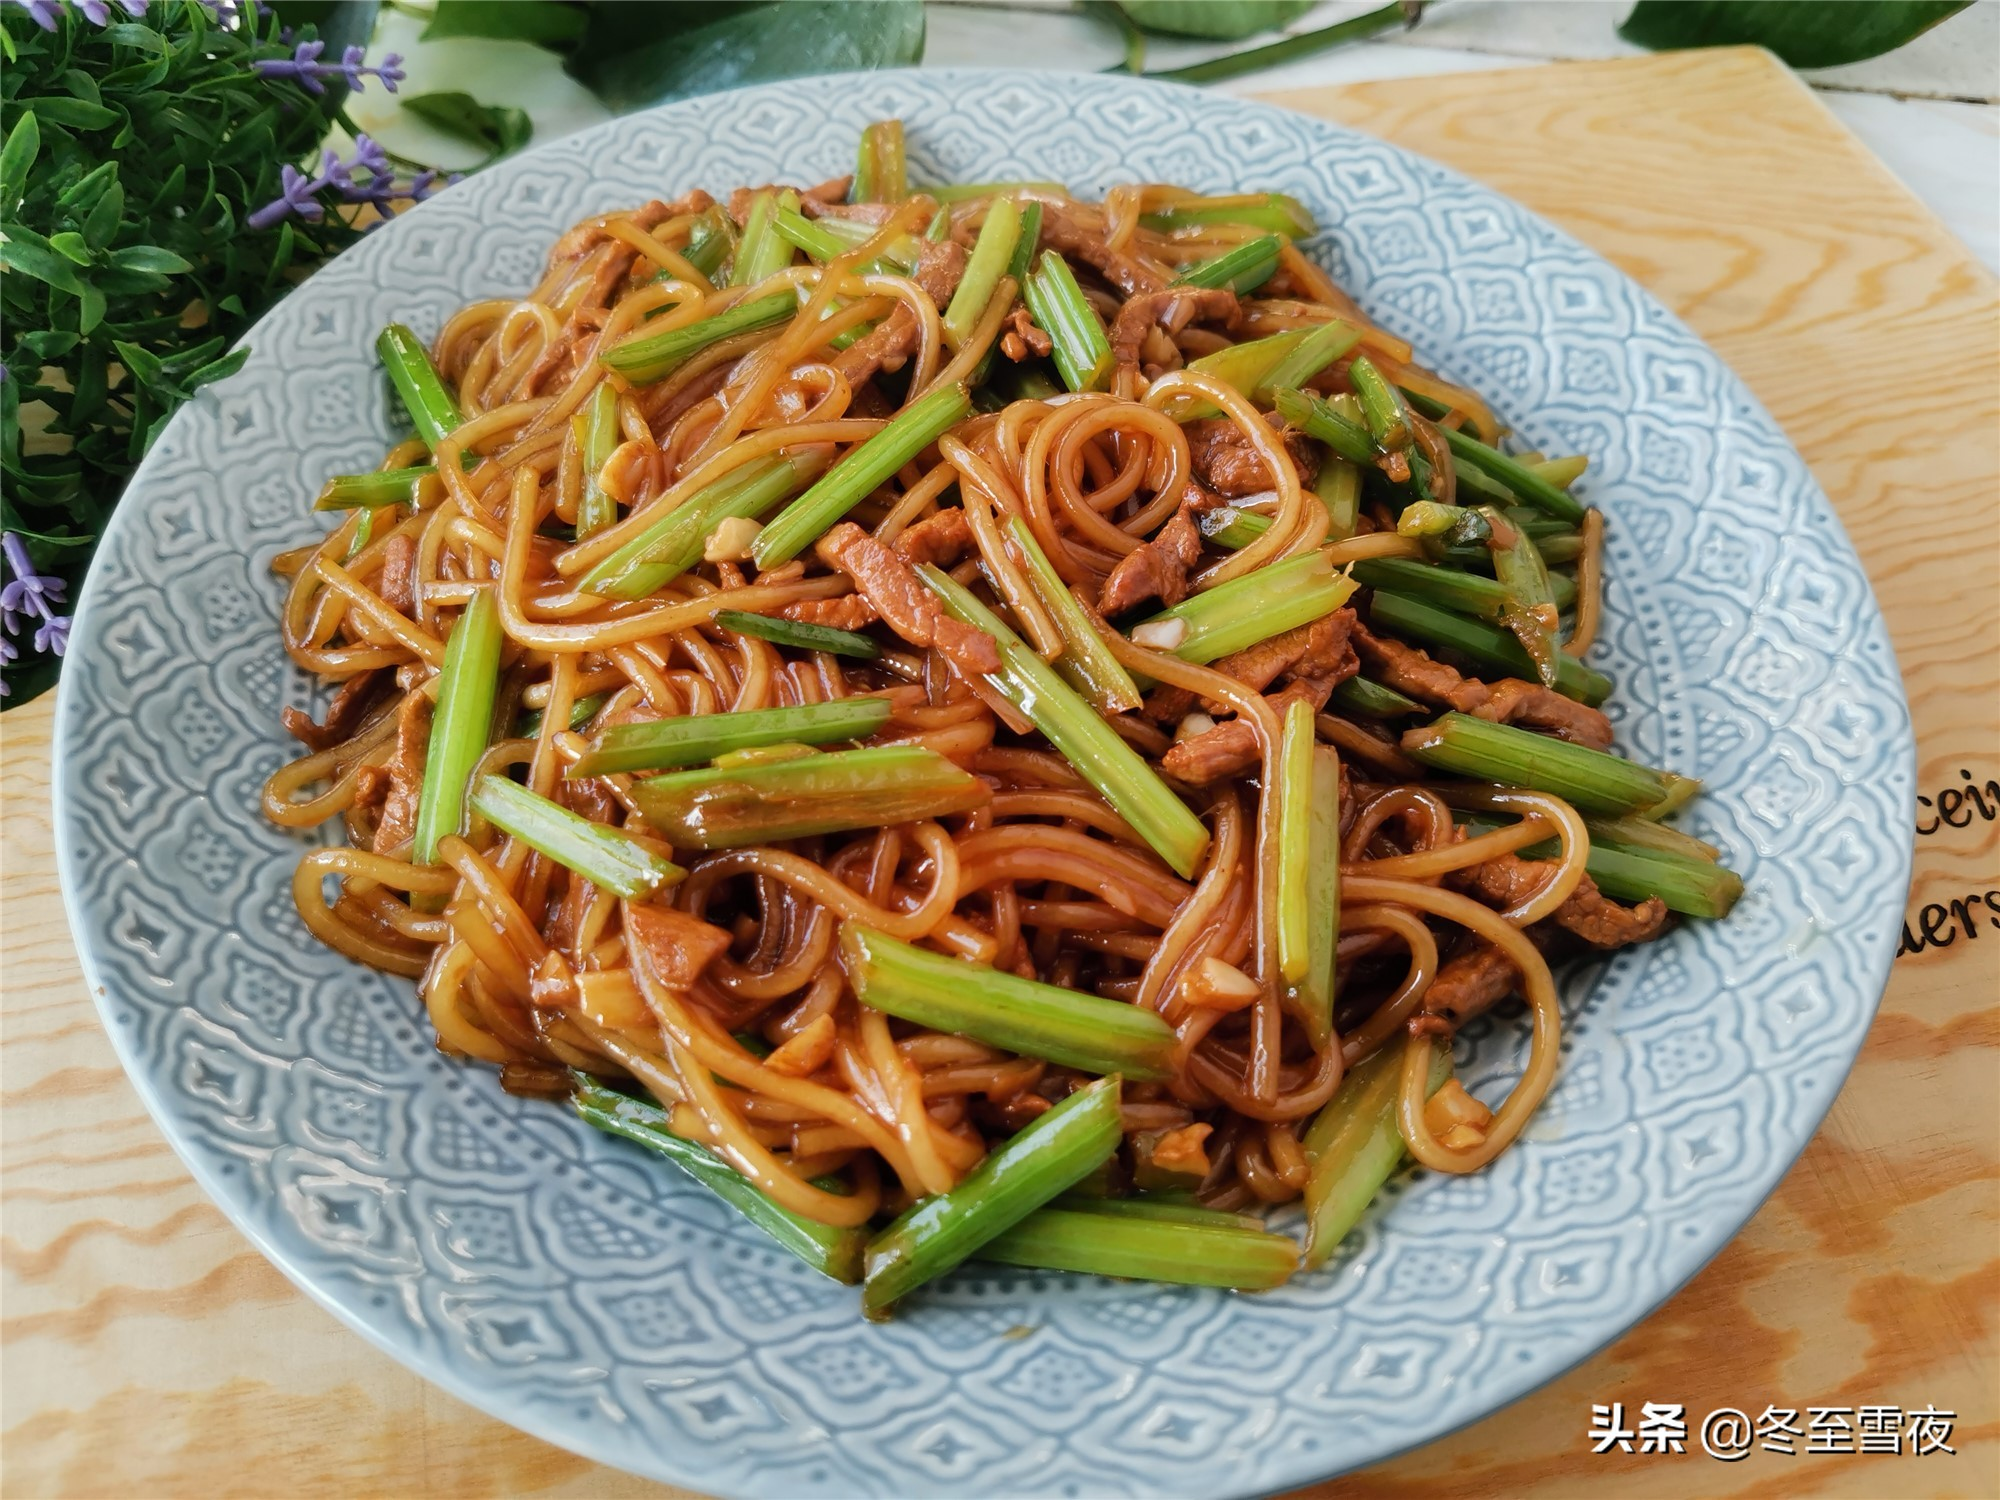 冬季,东北人最稀罕吃的14道家常菜,都是东北味儿,家常又好吃 东北菜谱 第8张